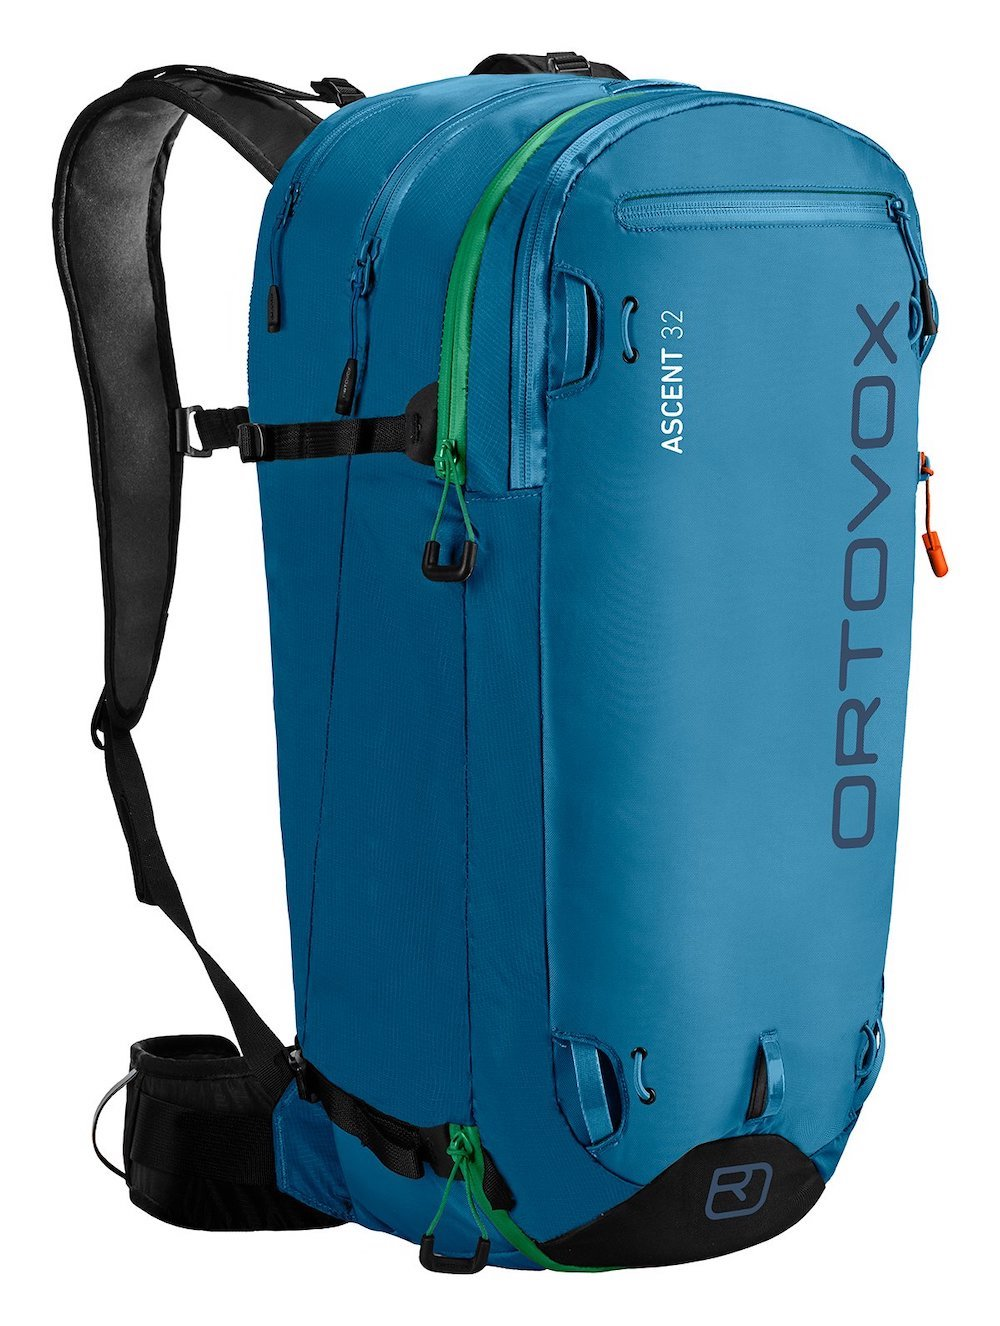 Ortovox - Ascent 32, Skitourenrucksack